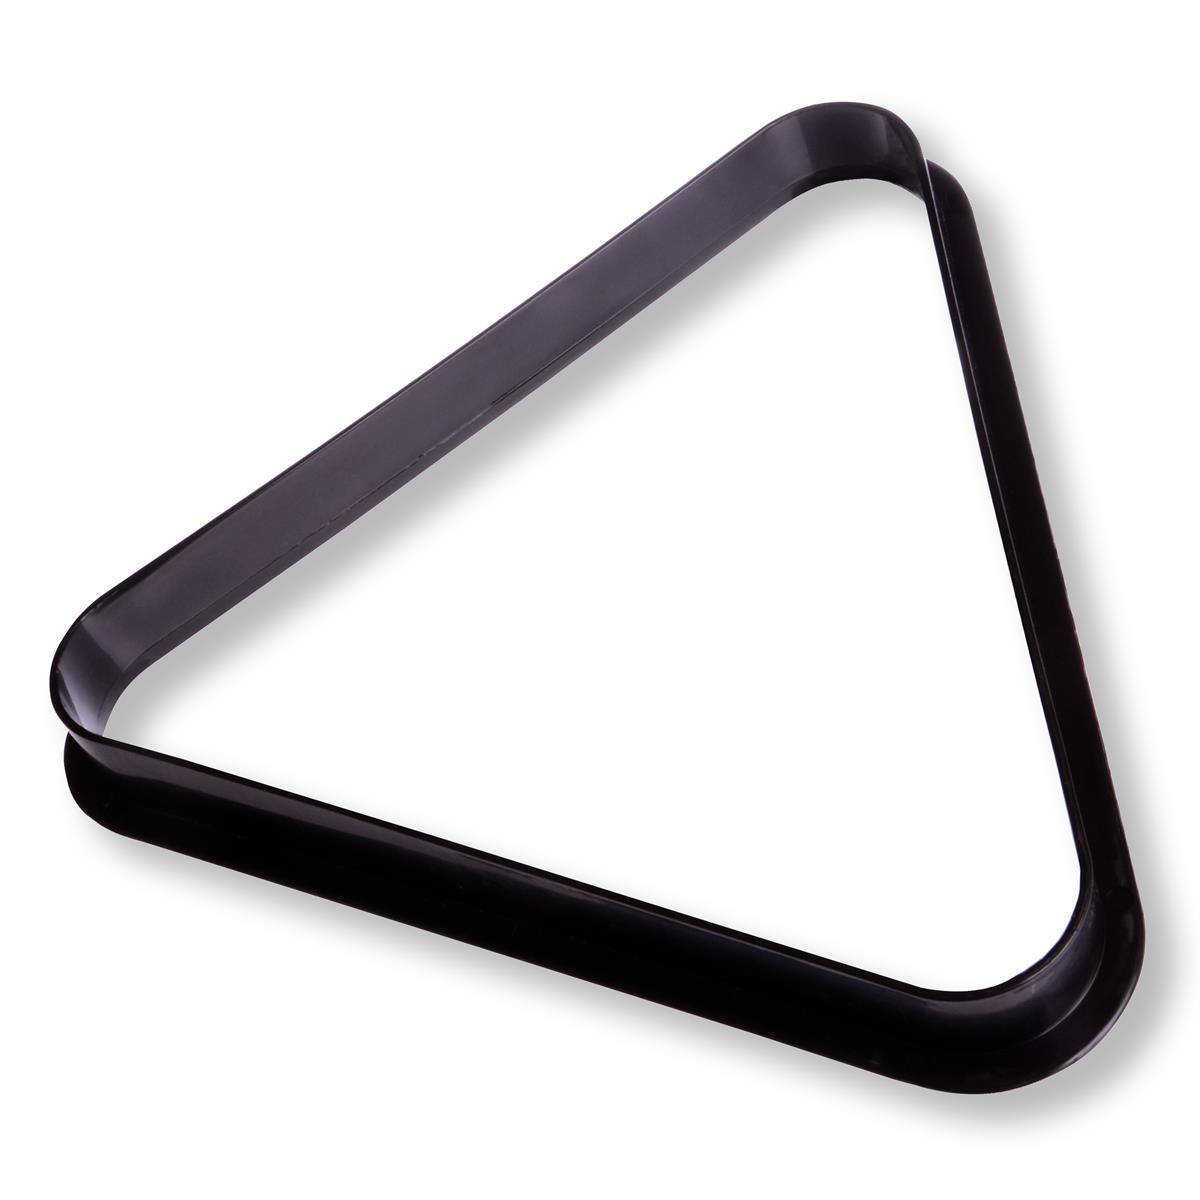 Billard Snooker Pool Dreieck Triangel aus Kunststoff Billardtisch schwarz